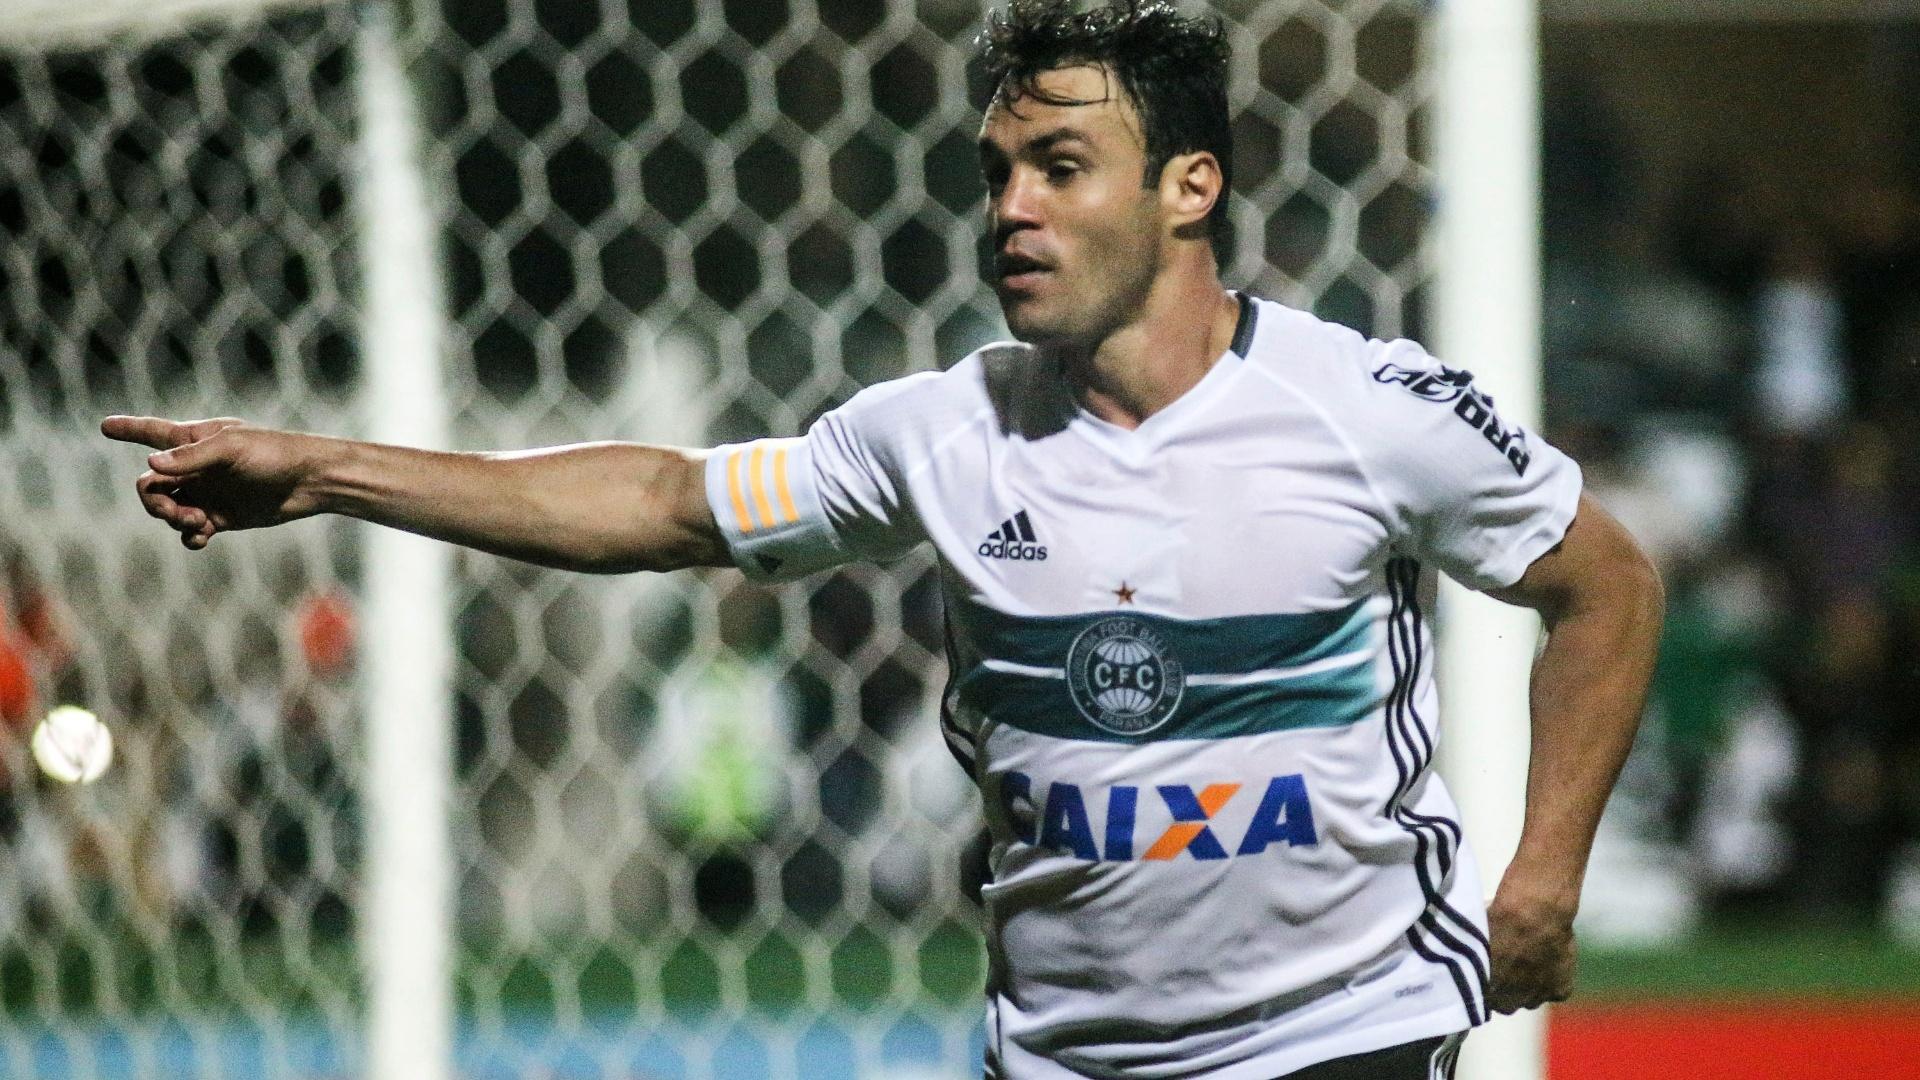 Kléber Gladiador comemora após marcar para o Coritiba contra o Cruzeiro pelo Campeonato Brasileiro